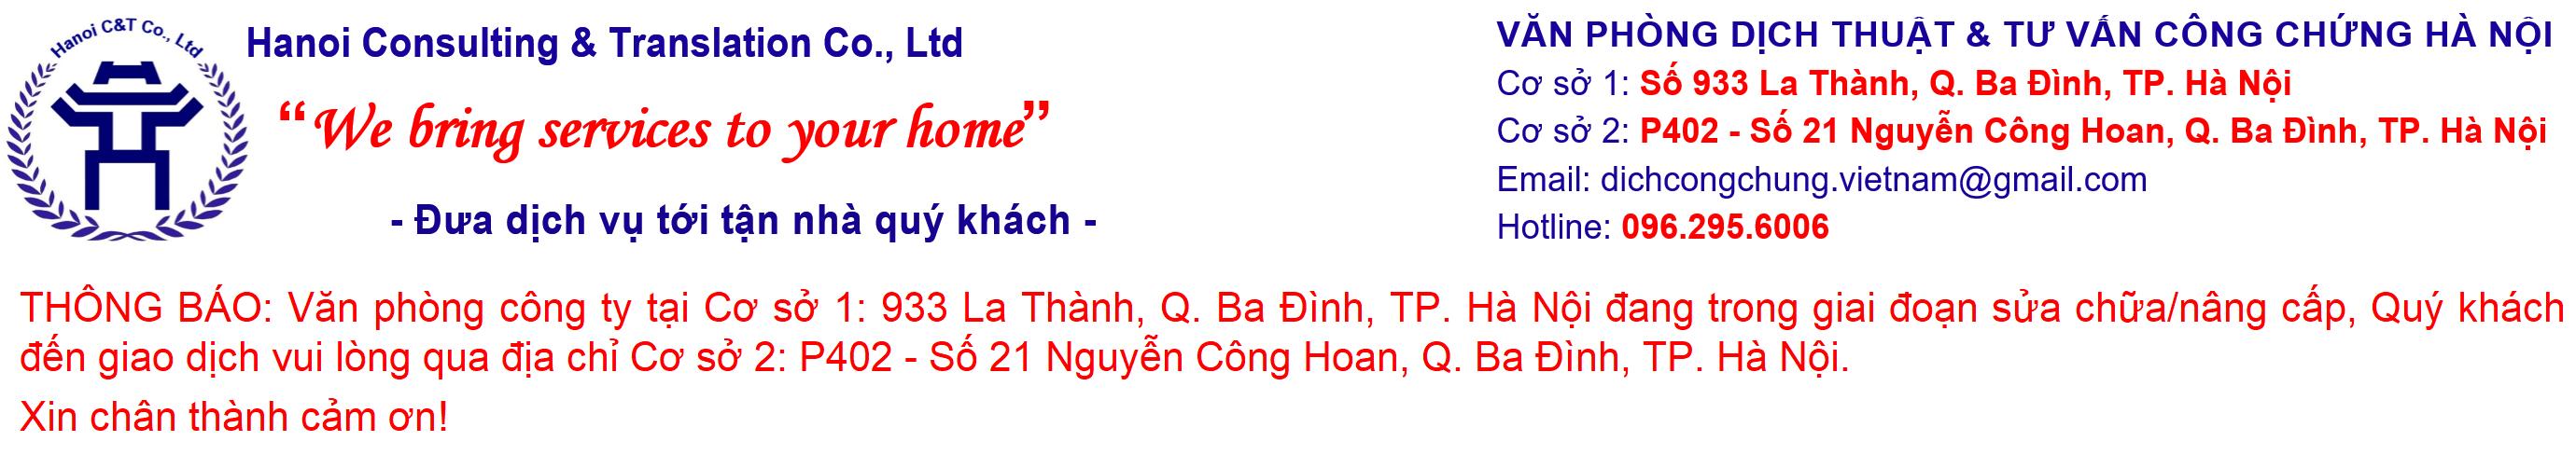 Văn phòng Dịch thuật & Tư vấn Công chứng Hà Nội